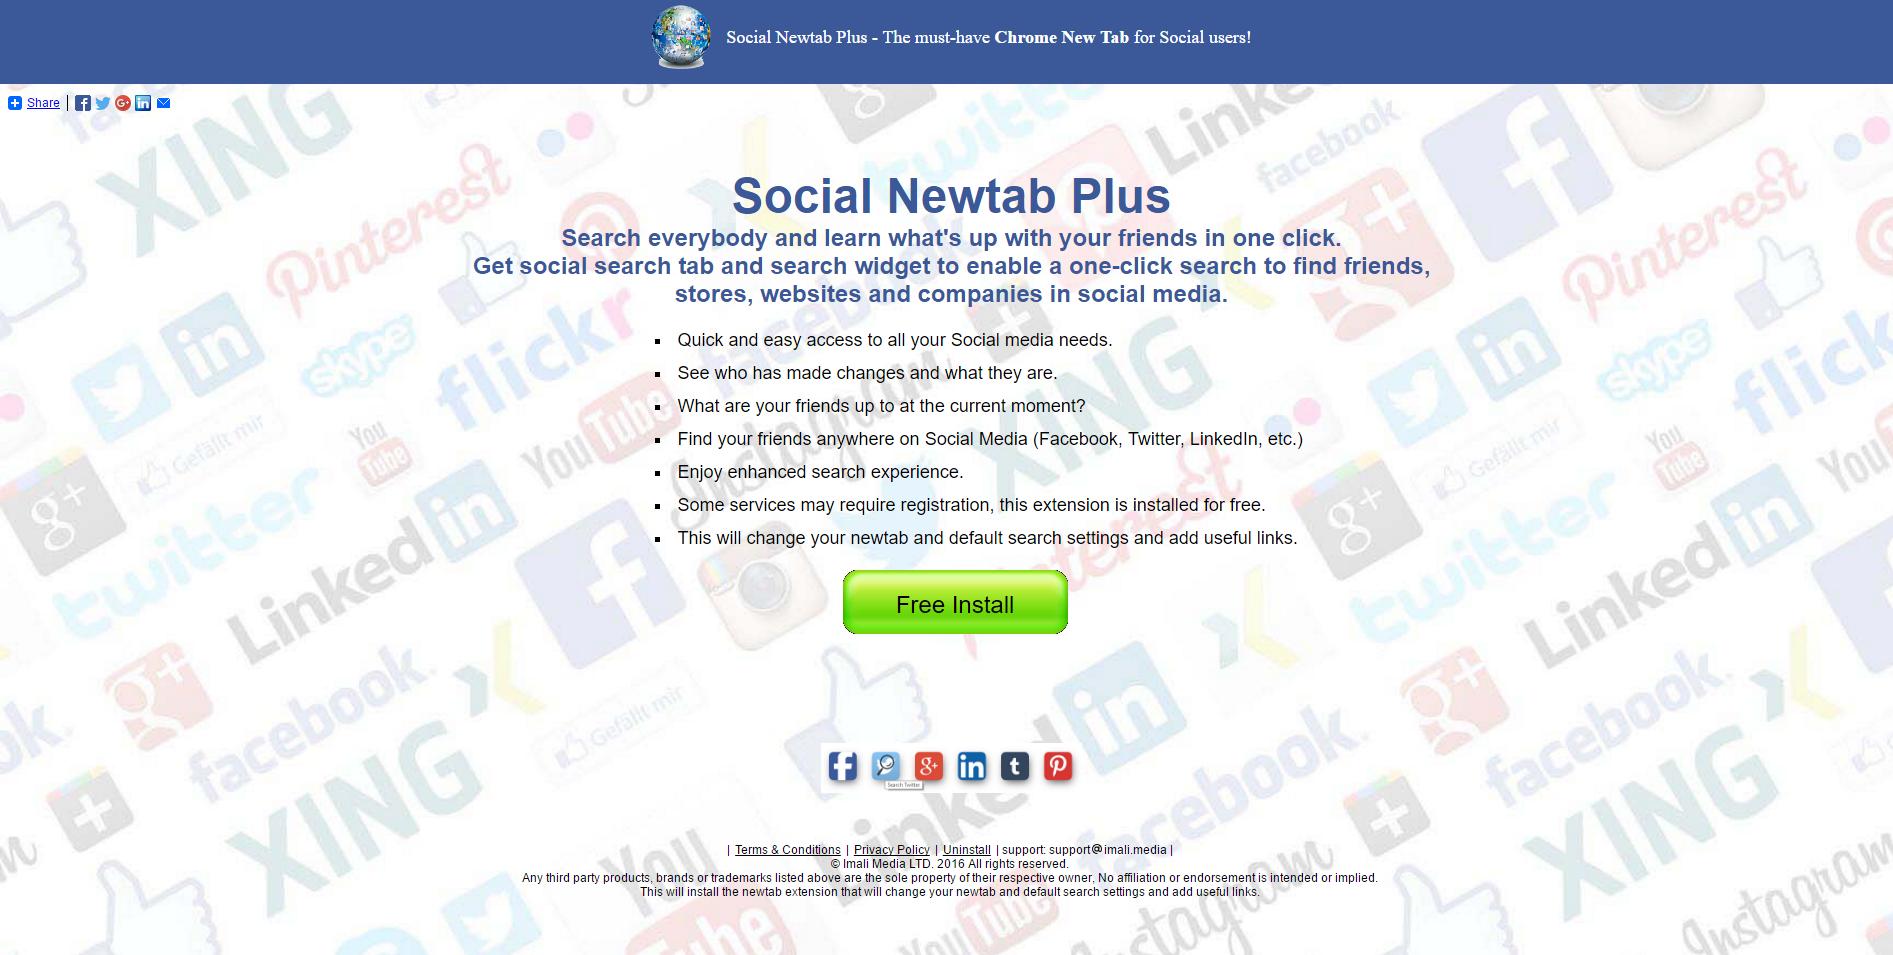 Social Newtab Plus Ads